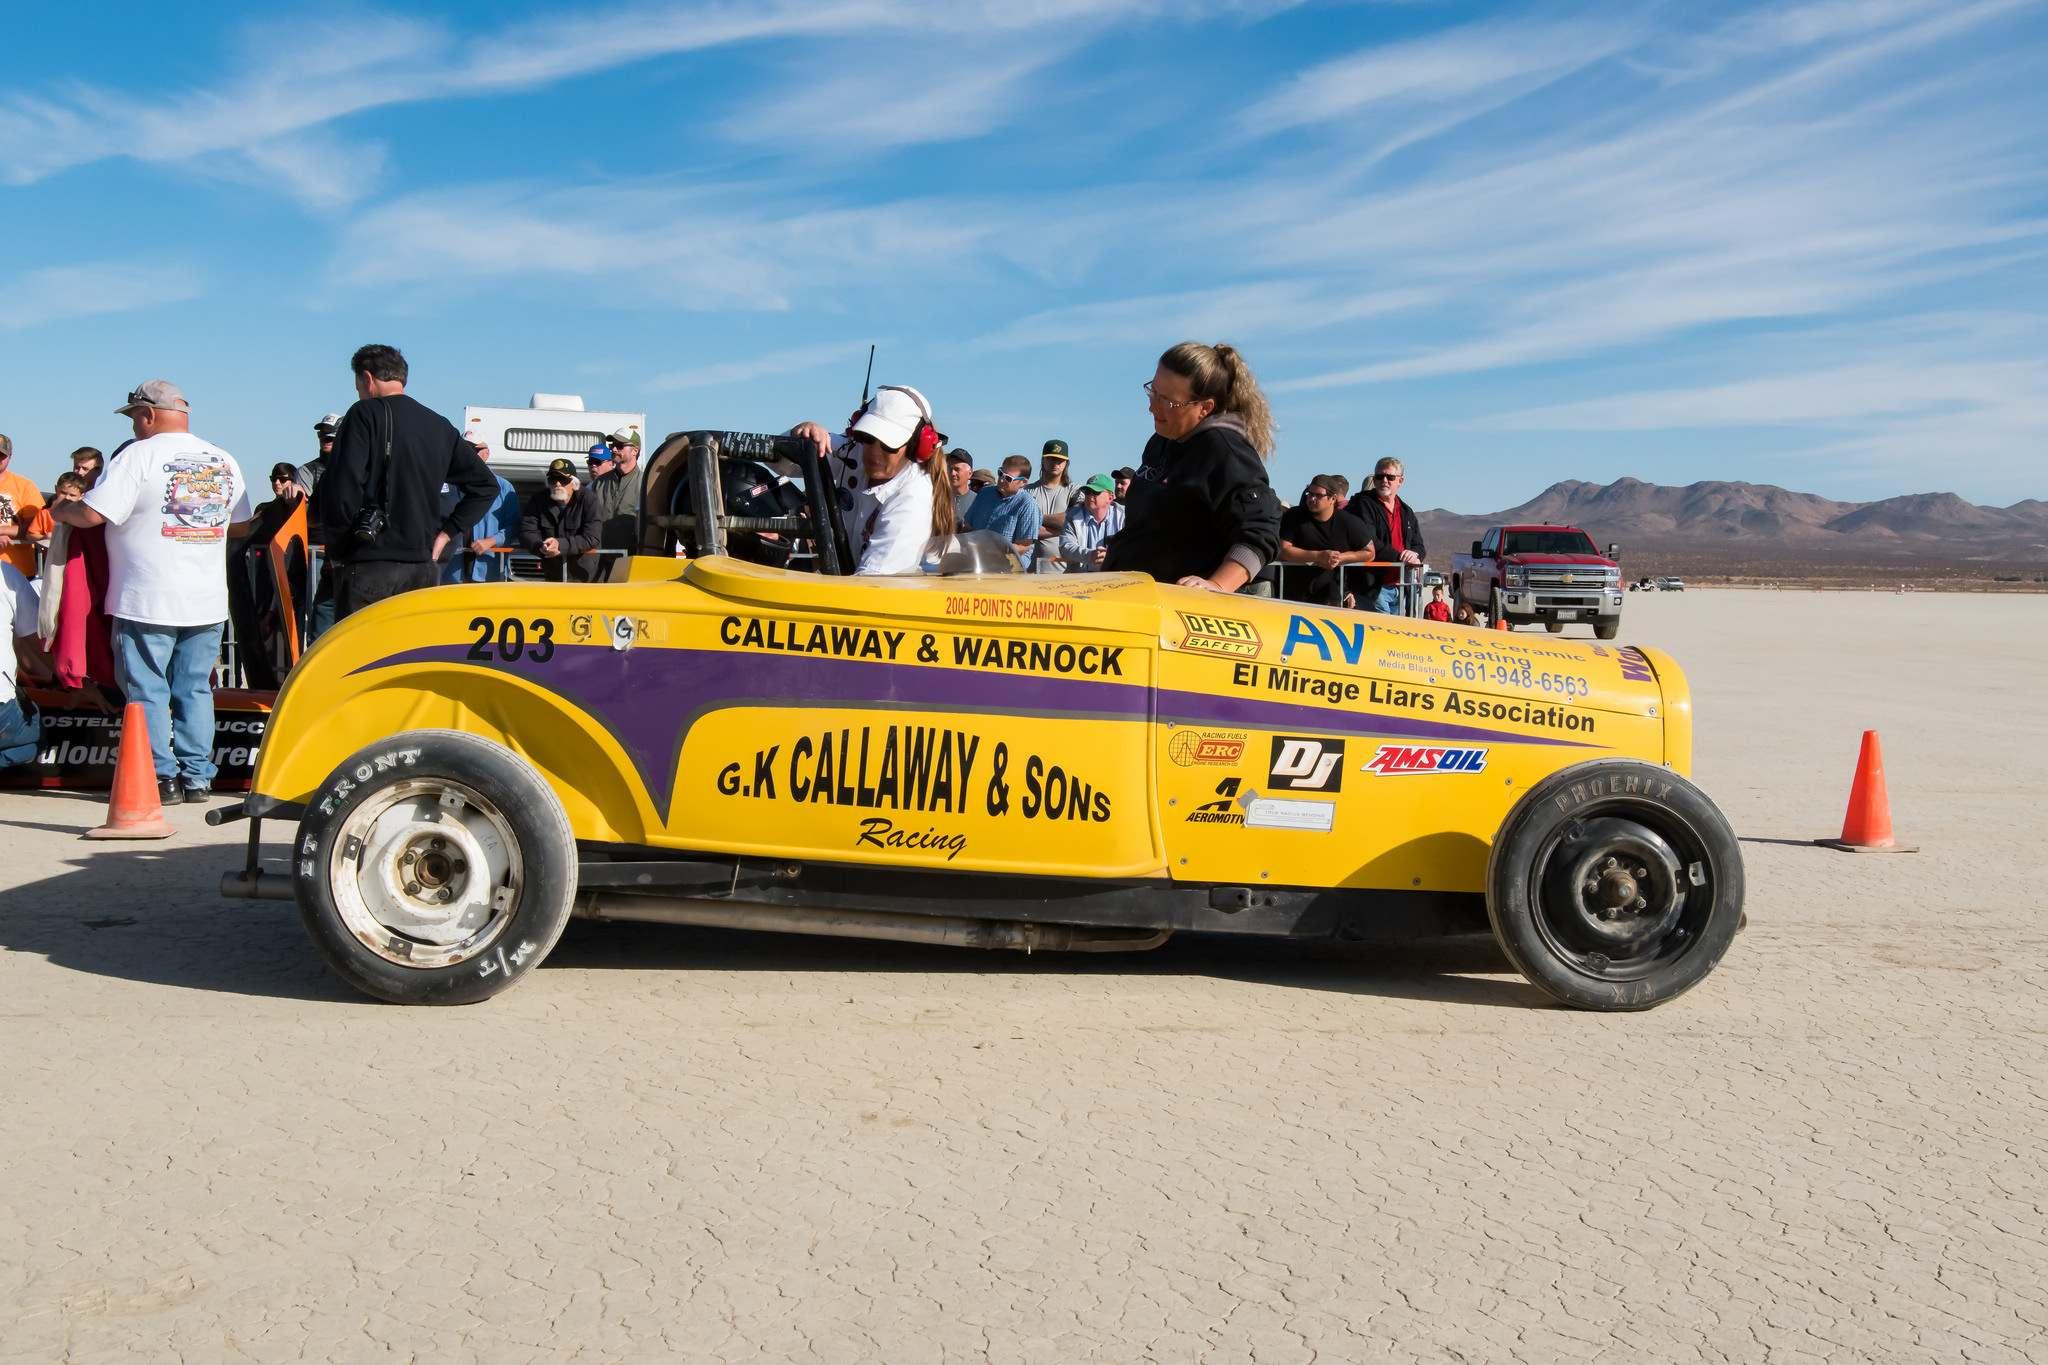 land speed racing13 Speed Racing at El Mirage Dry Lake